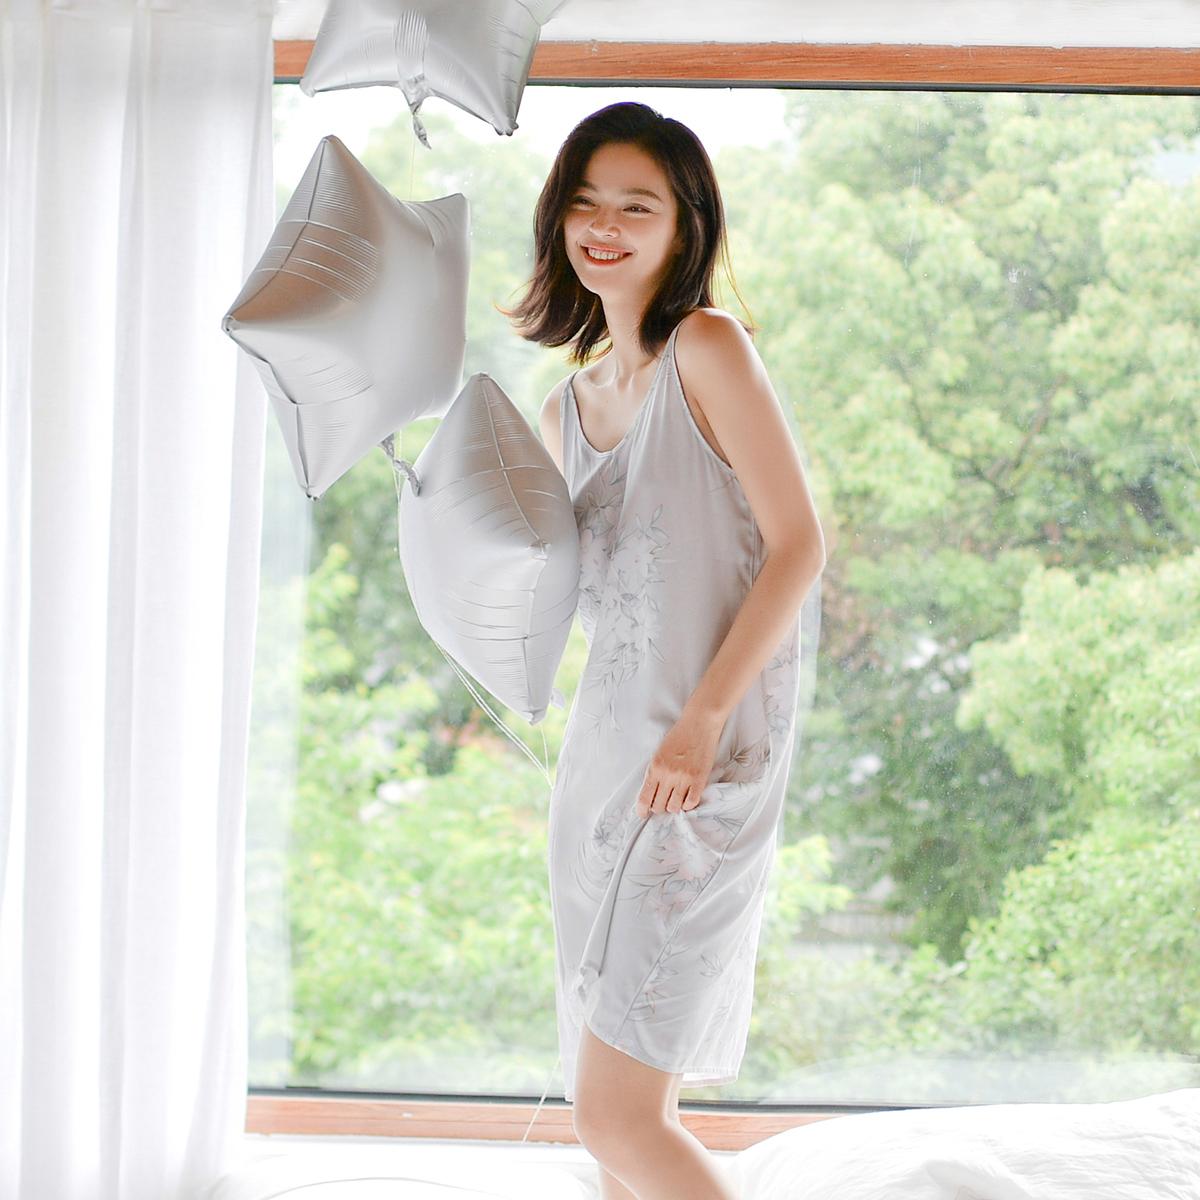 无袖睡裙女士睡衣夏季吊带背心裙美背性感可外穿超薄款冰丝感长款